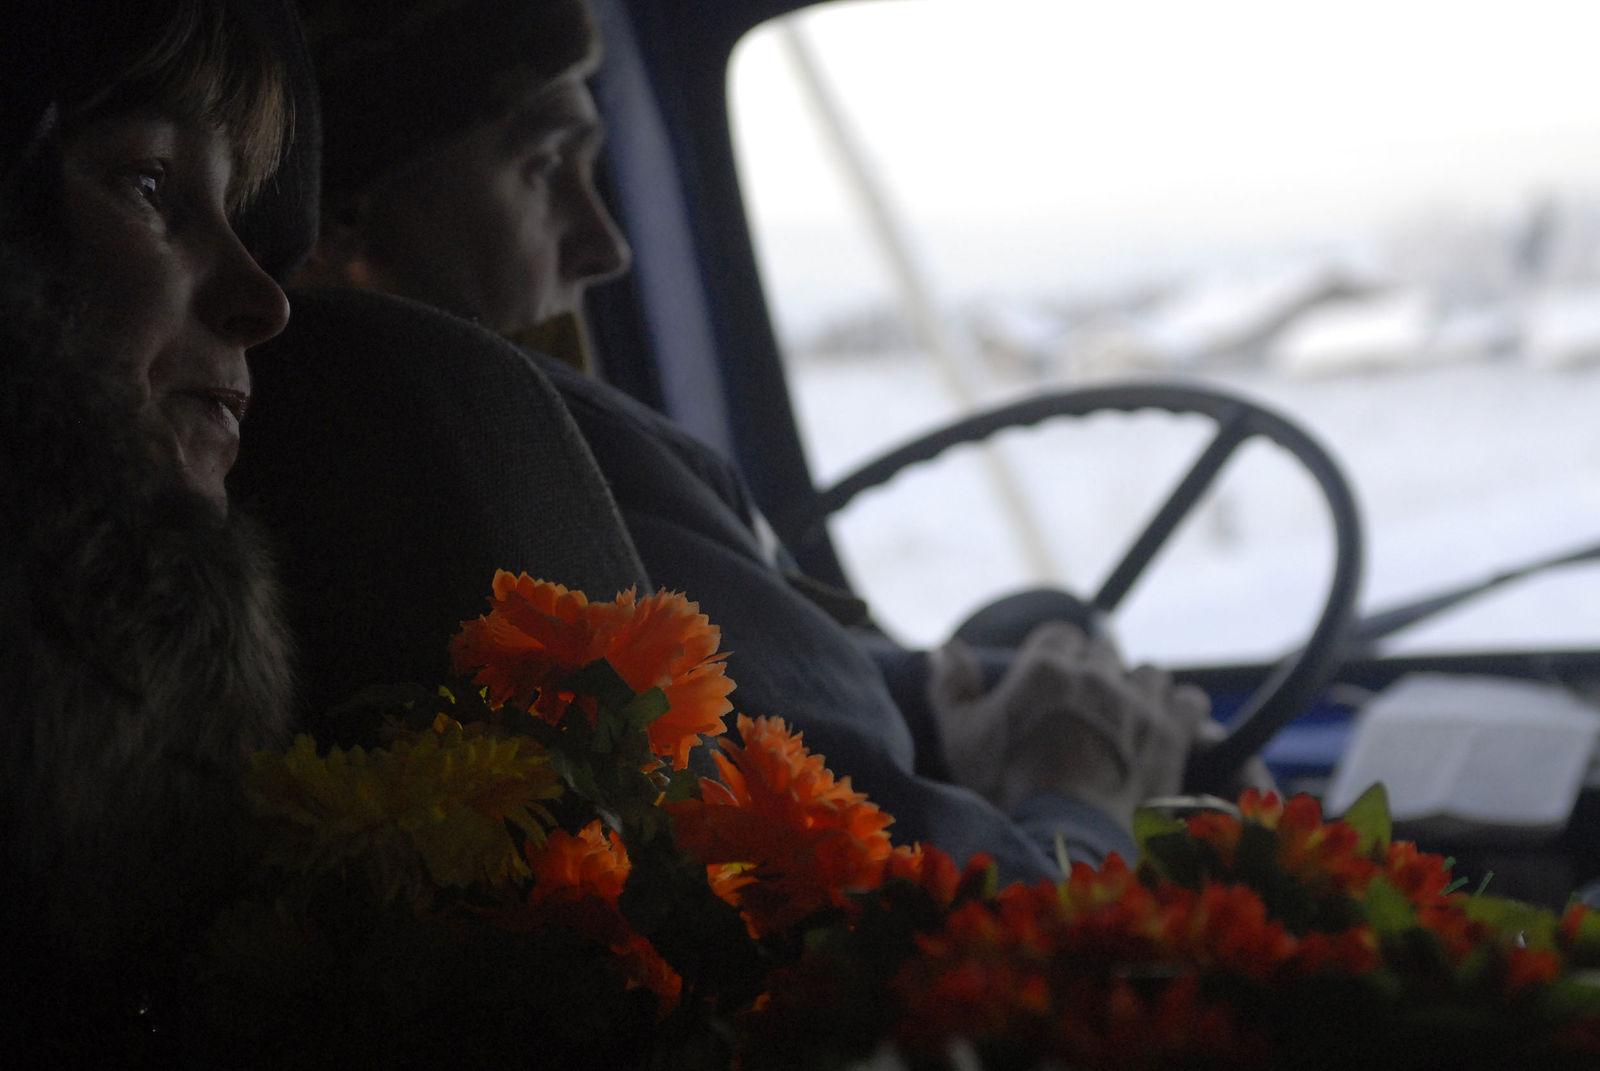 Arik Shraga. Neglected in the village. Tcheshegora village. Funerals